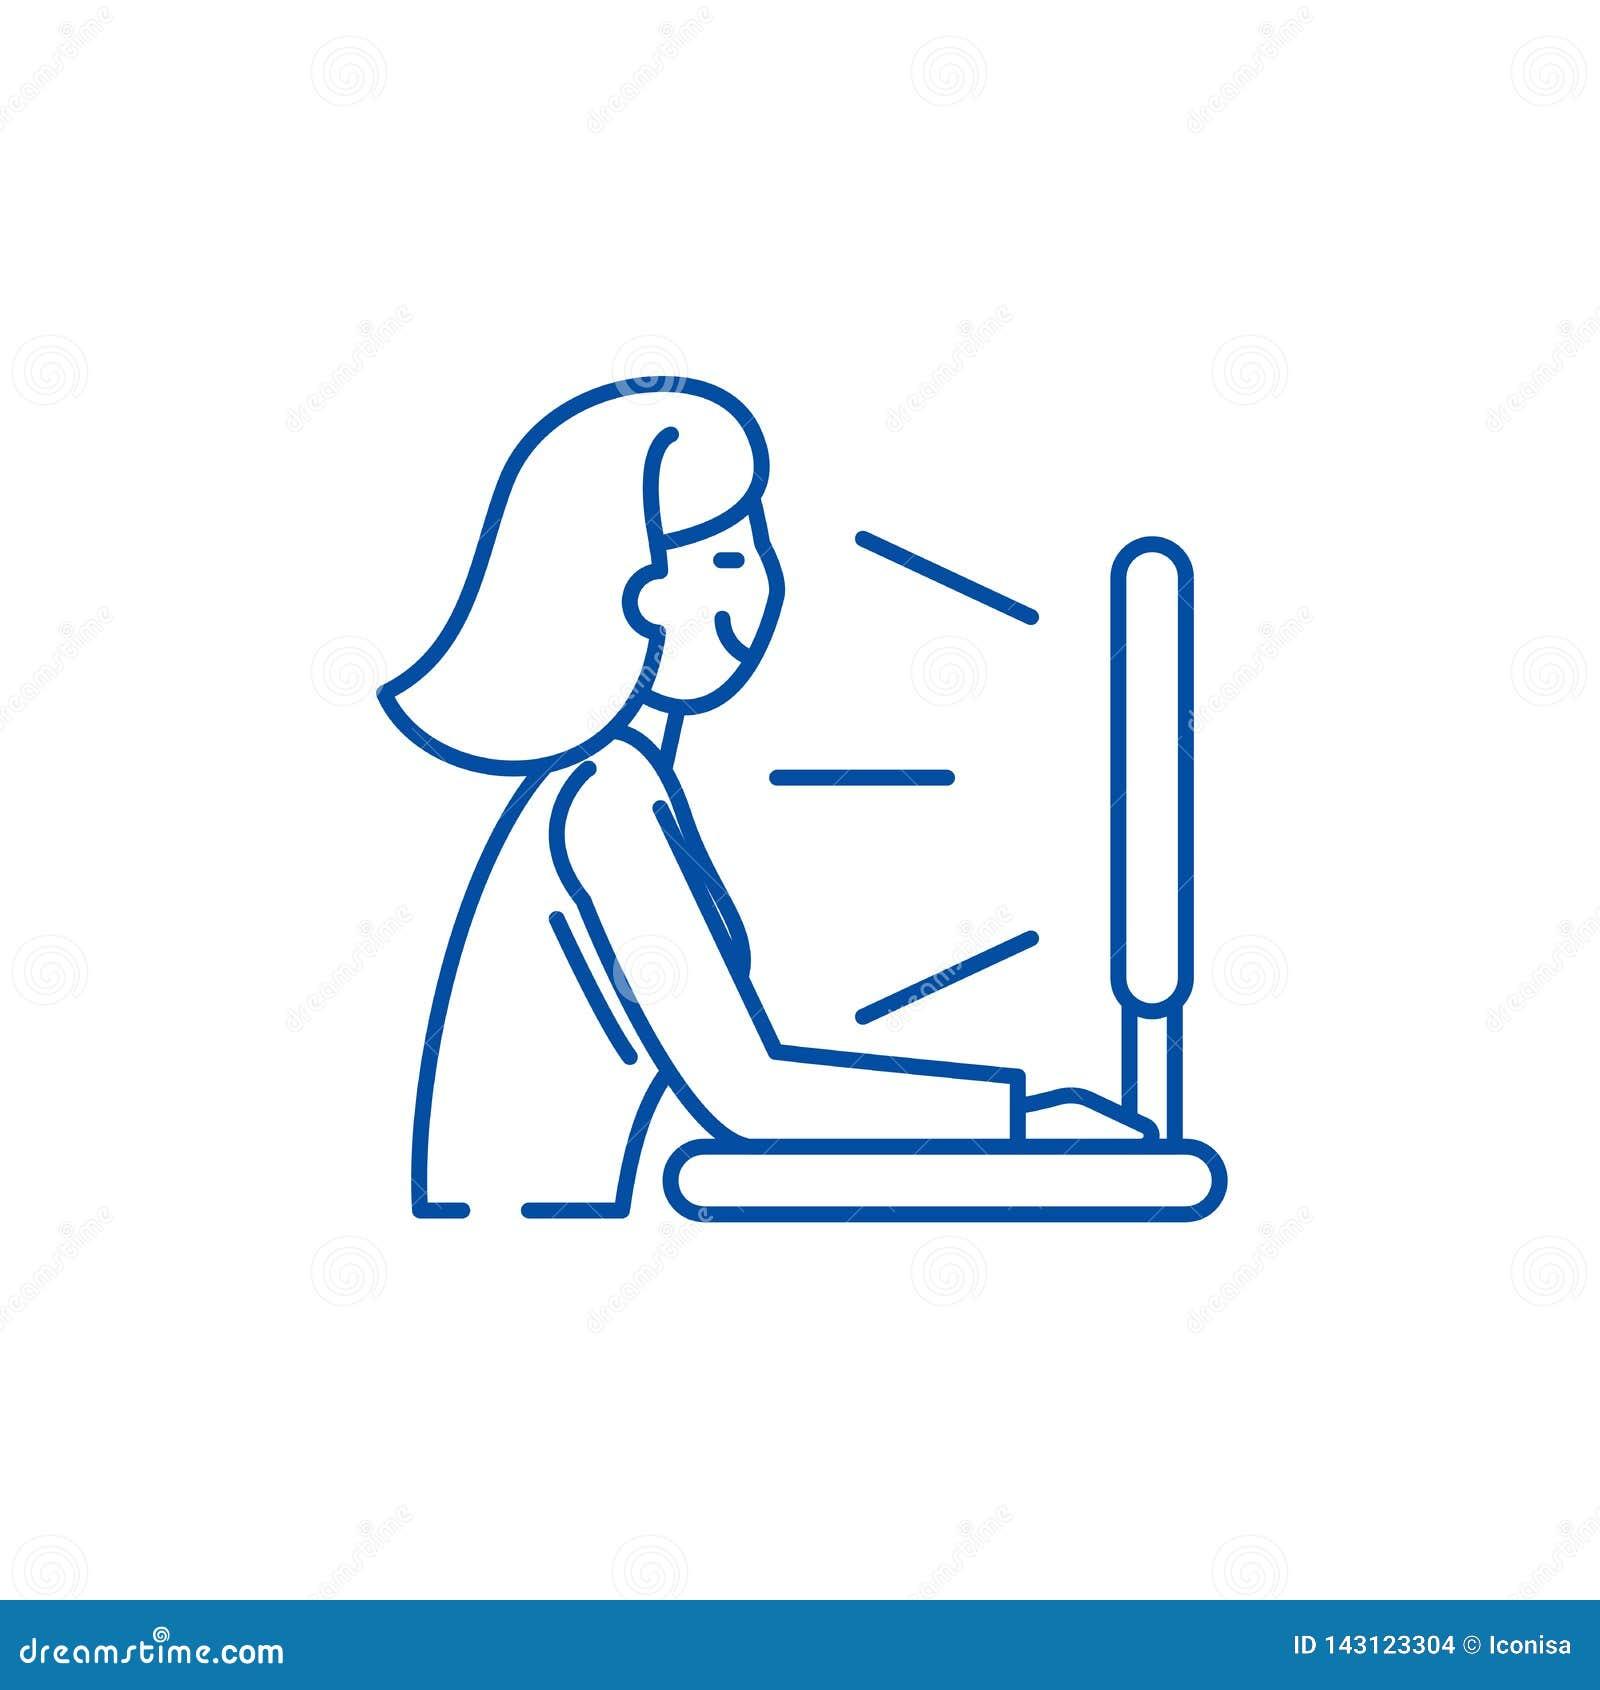 Ansichtfernsehserie zeichnet Ikonenkonzept Flaches Vektorsymbol der Ansichtfernsehserie, Zeichen, Entwurfsillustration